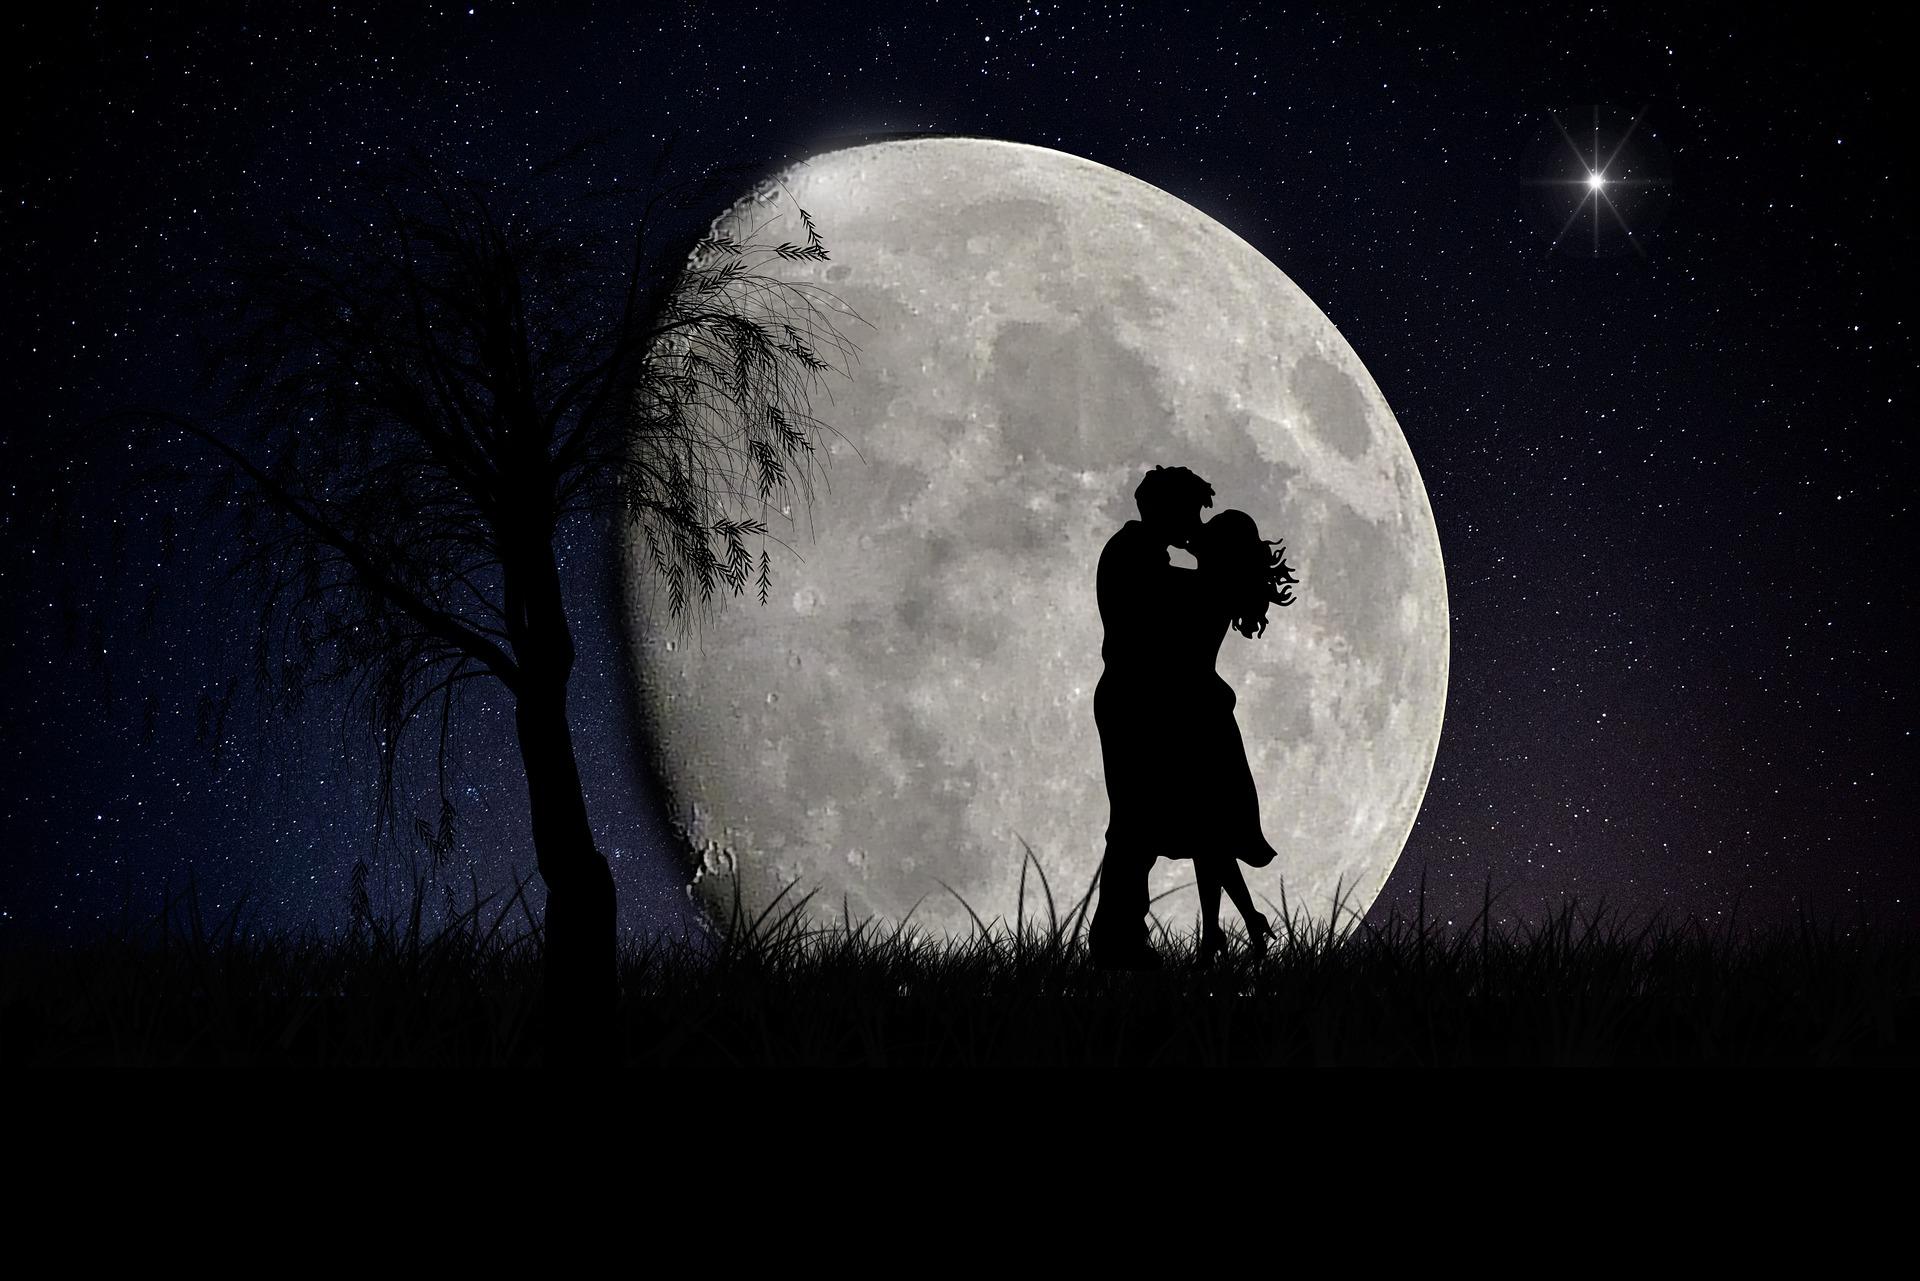 moon-2106892_1920.jpg